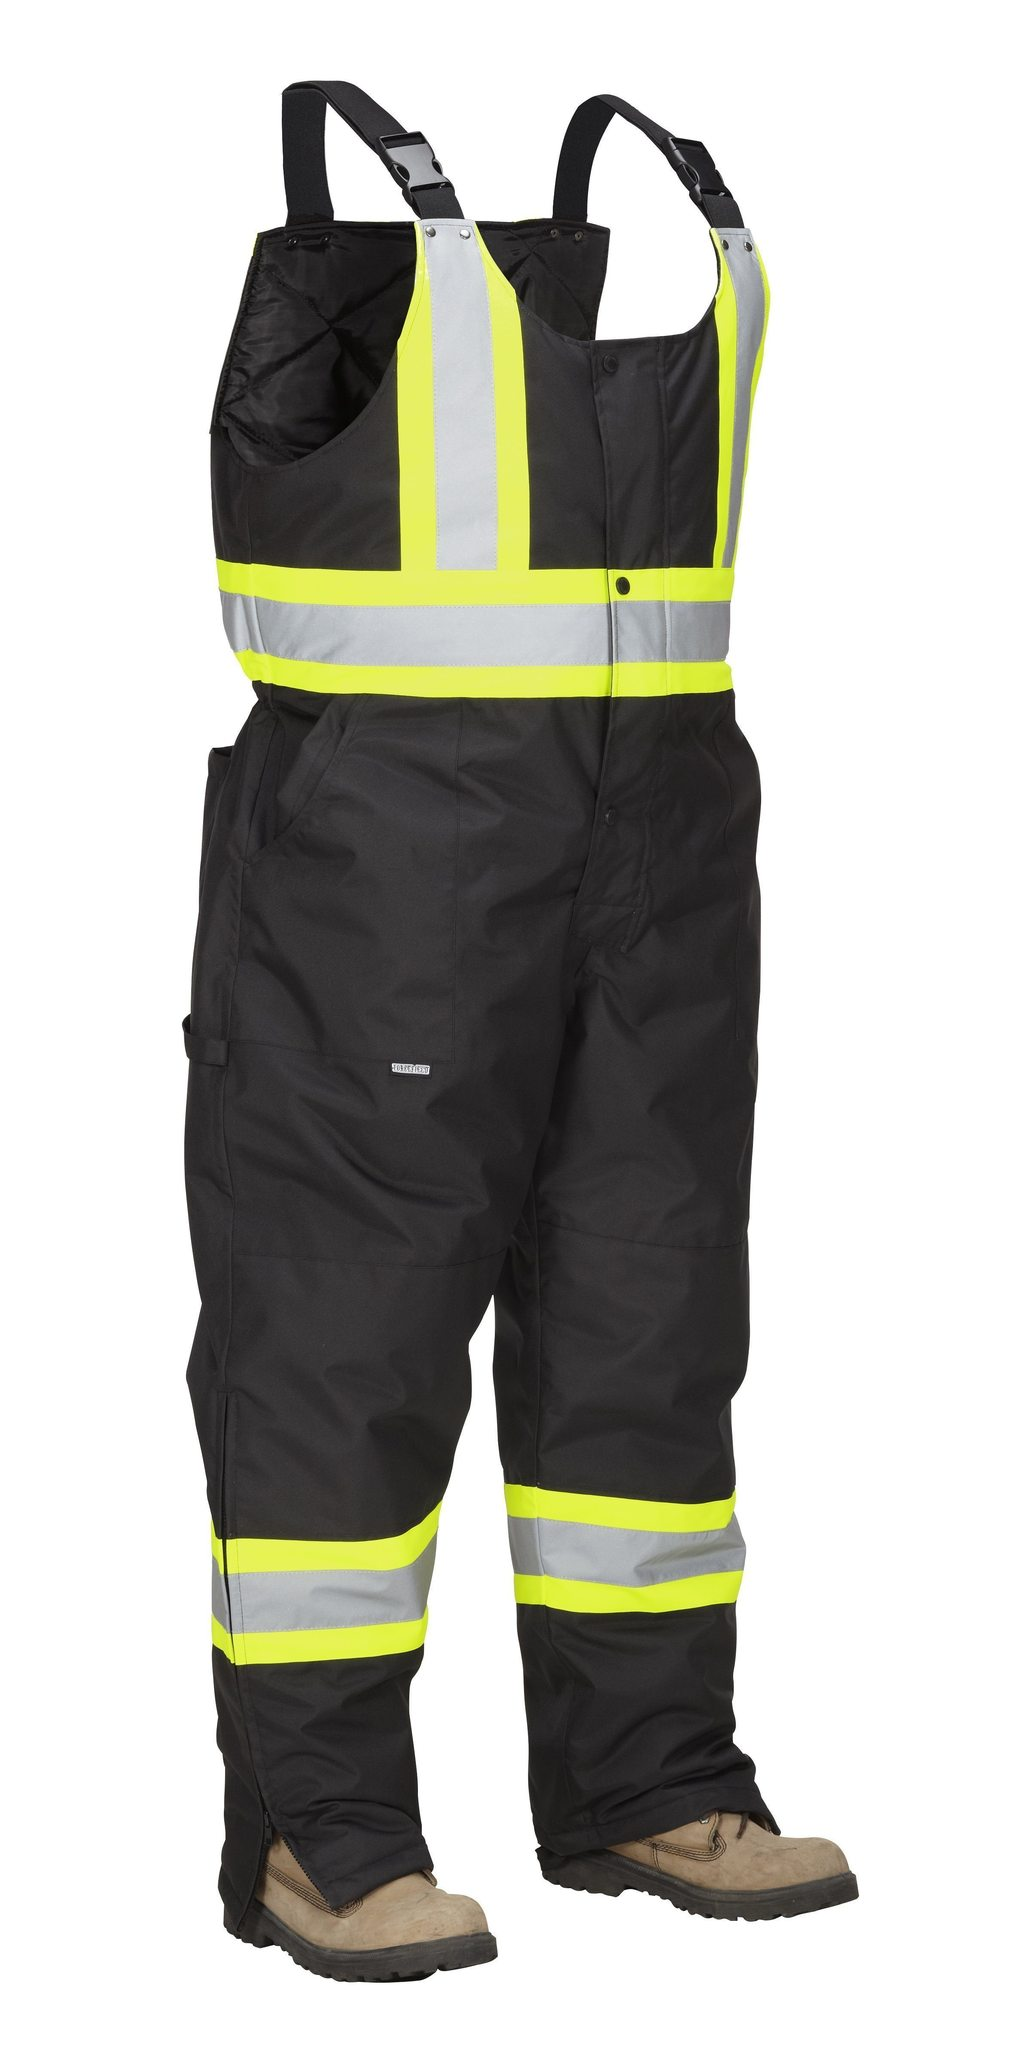 Forcefield Hi-Vis Safety Overall 024-EN835RBK